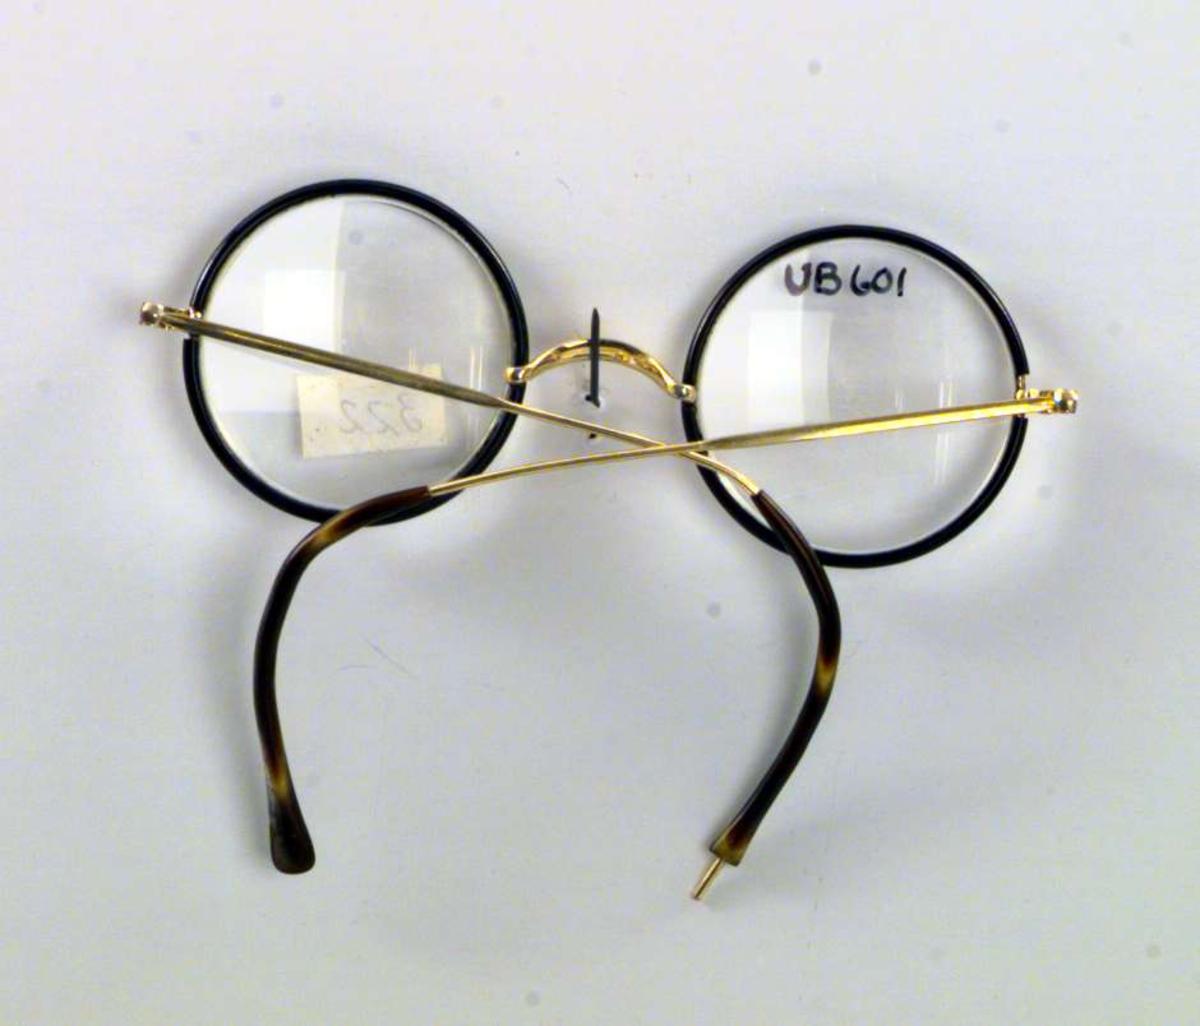 Briller med sirkelrunde glass. Brillene er av gulll. Innfatningen er brun. Brillene har ikke nesebeskyttere.